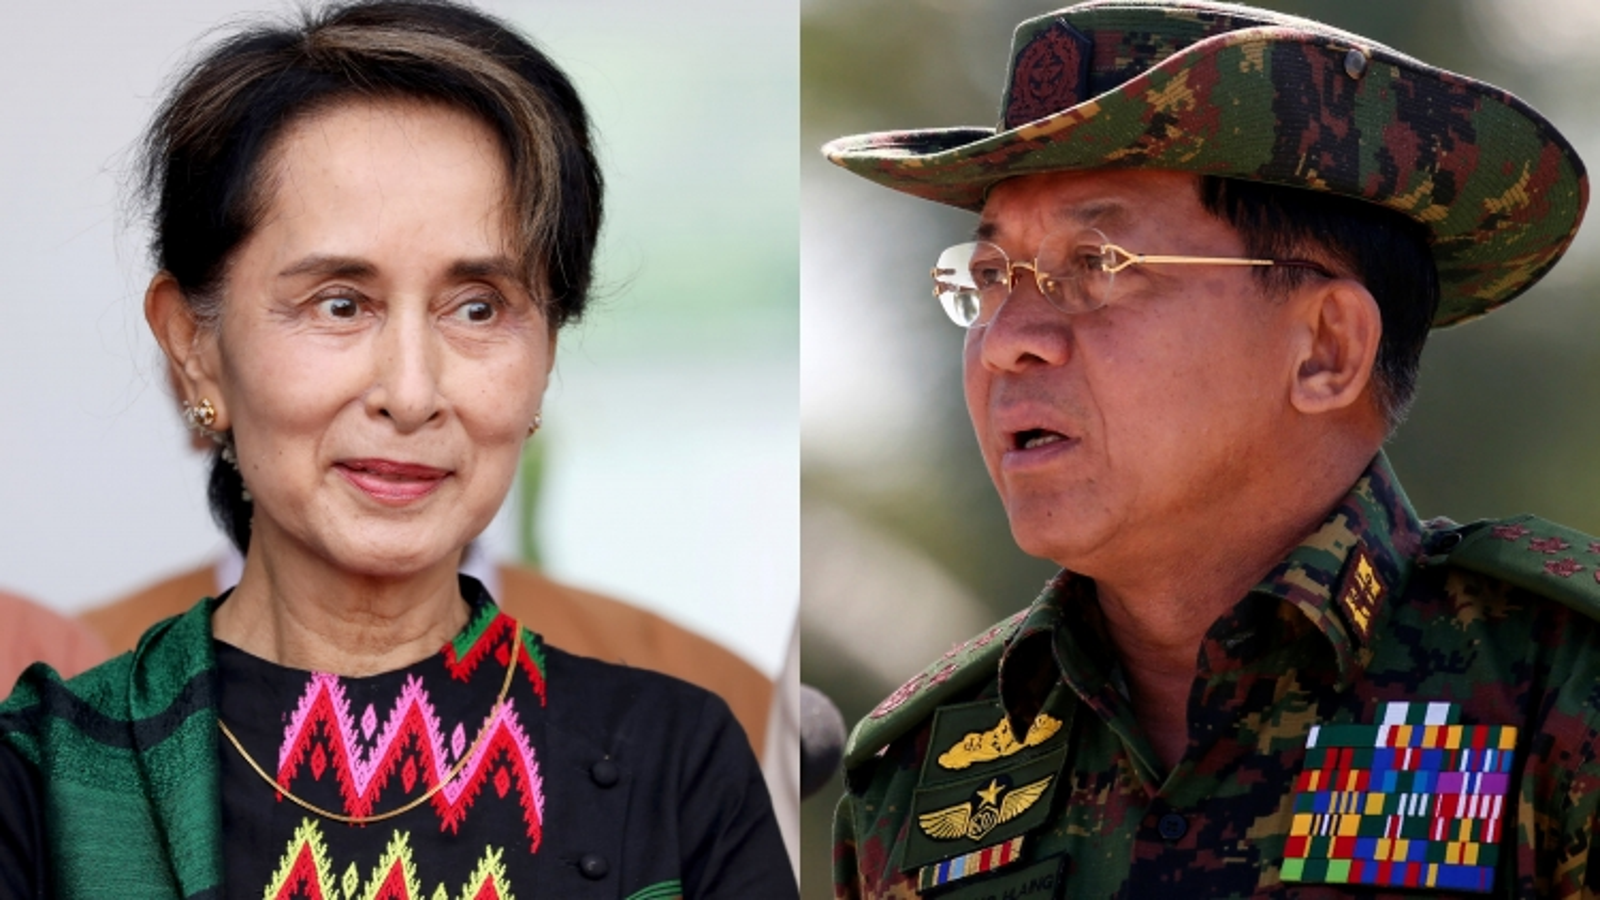 Ấn Độ kêu gọi Myanmar cần phải duy trì pháp quyền và tiến trình dân chủ